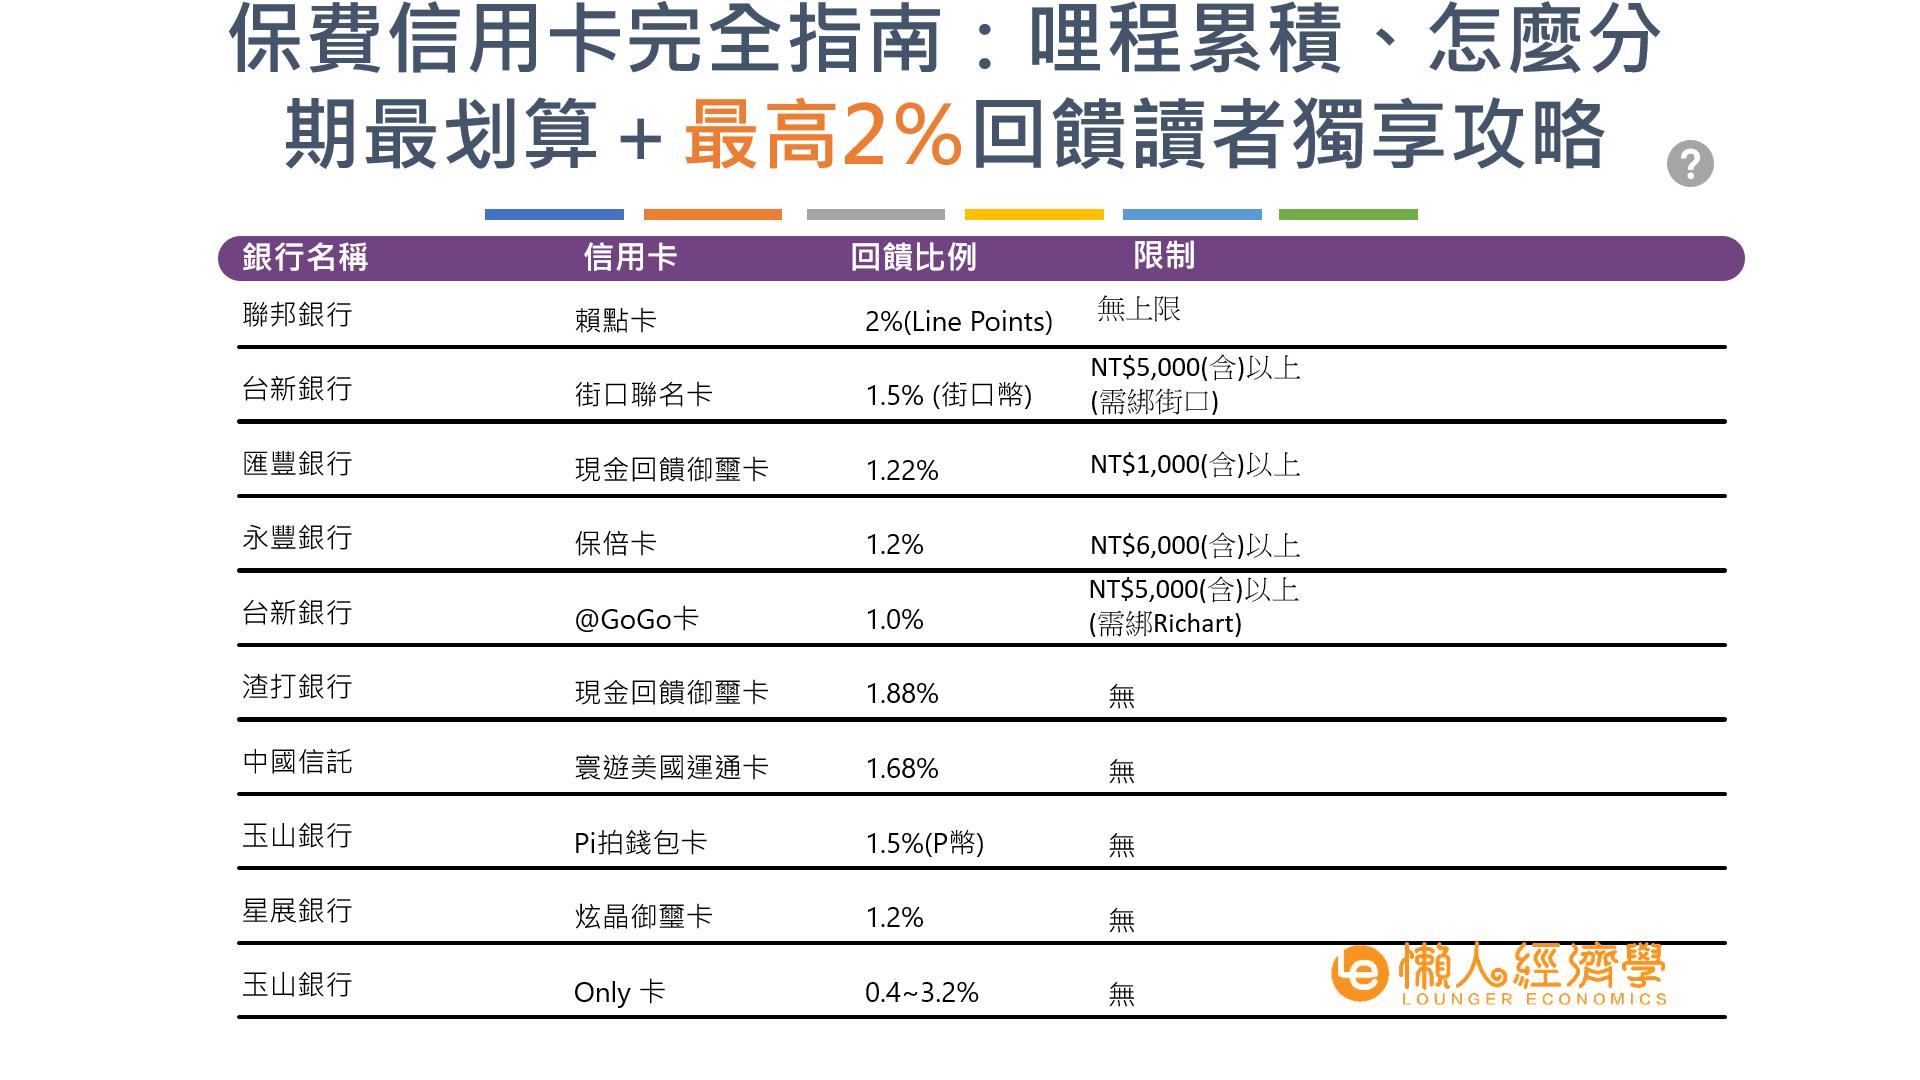 保費信用卡介紹